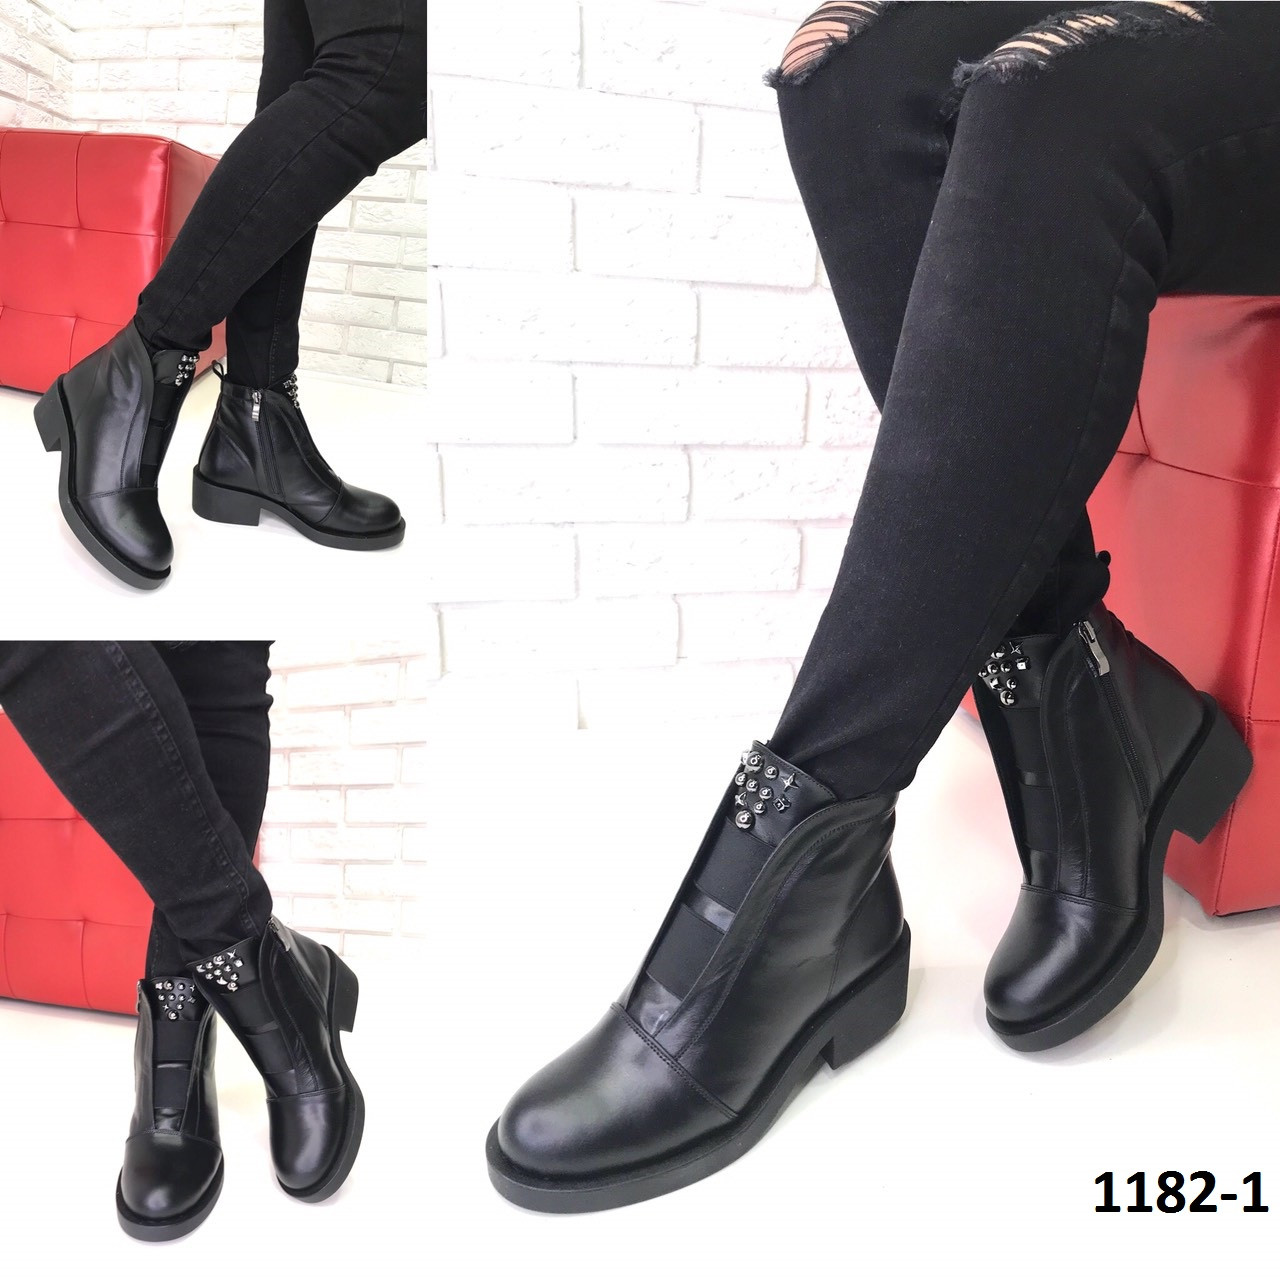 6c86aca18 Женские кожаные ботинки зима черные - СУМКИ, ОБУВЬ И АКСЕССУАРЫ ИЗ  НАТУРАЛЬНОЙ КОЖИ ОТ ПРОИЗВОДИТЕЛЯ